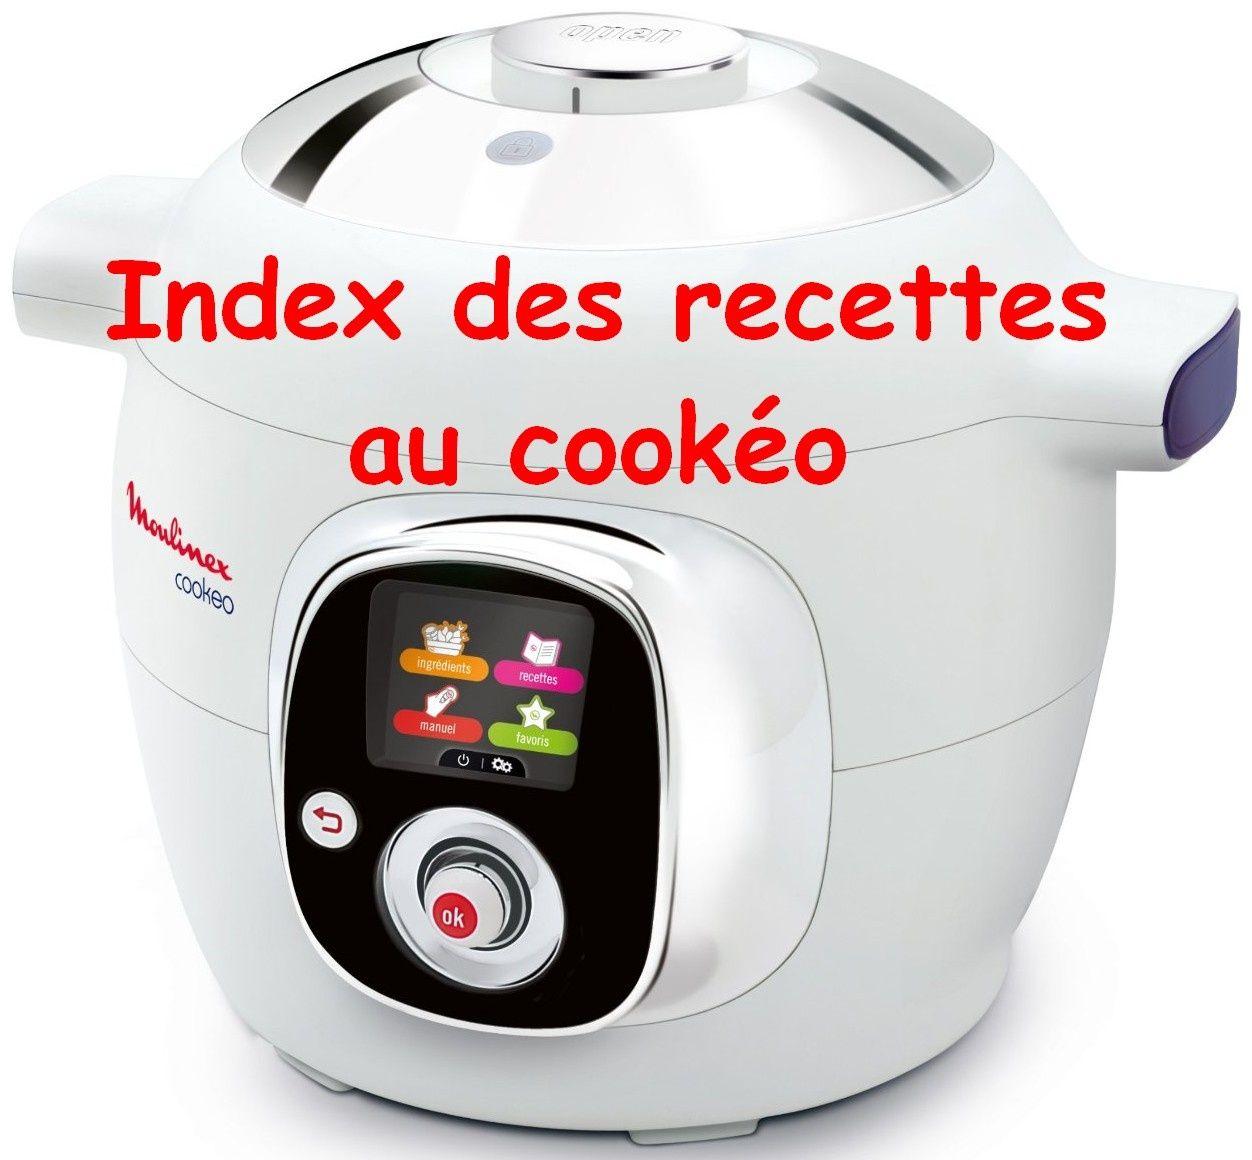 Index des recettes cookéo | Cookeo recette, Recette et ...